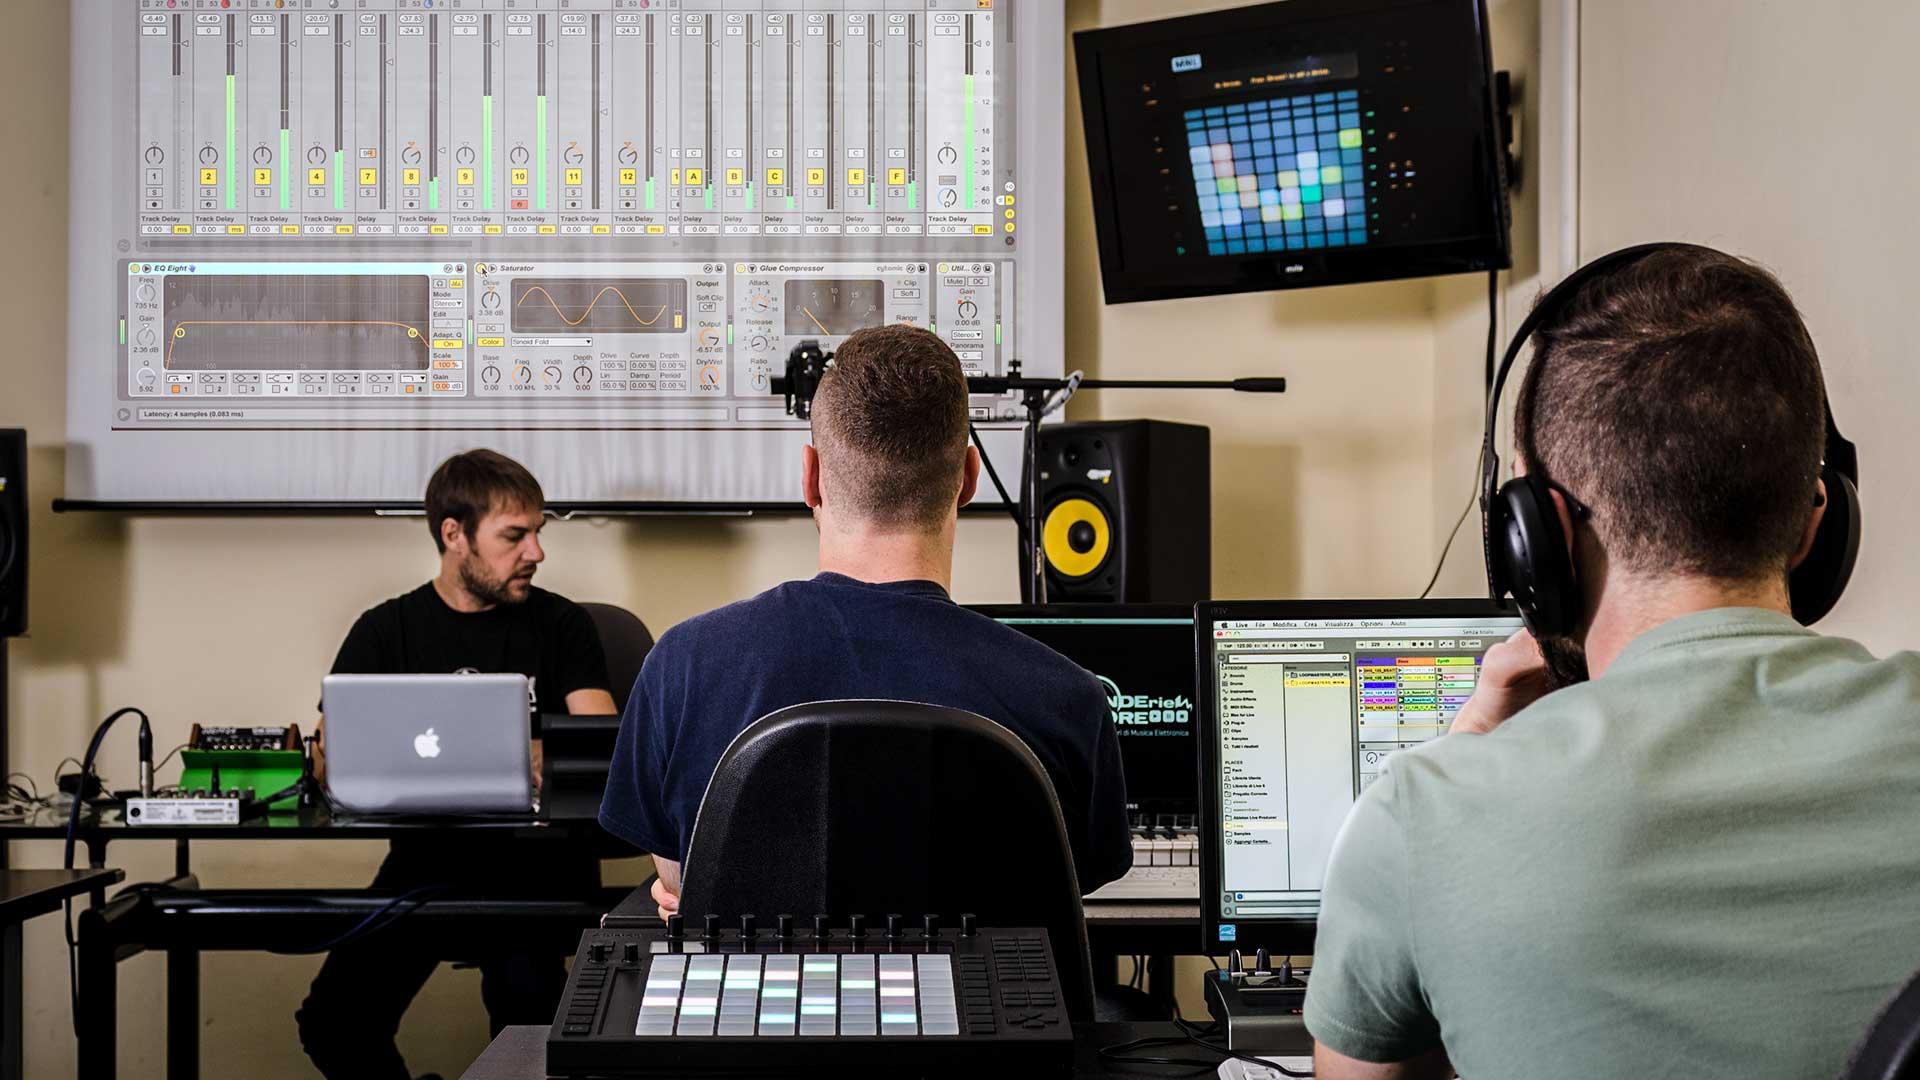 corso di Ableton Live 10 - Corsi di Musica Elettronica